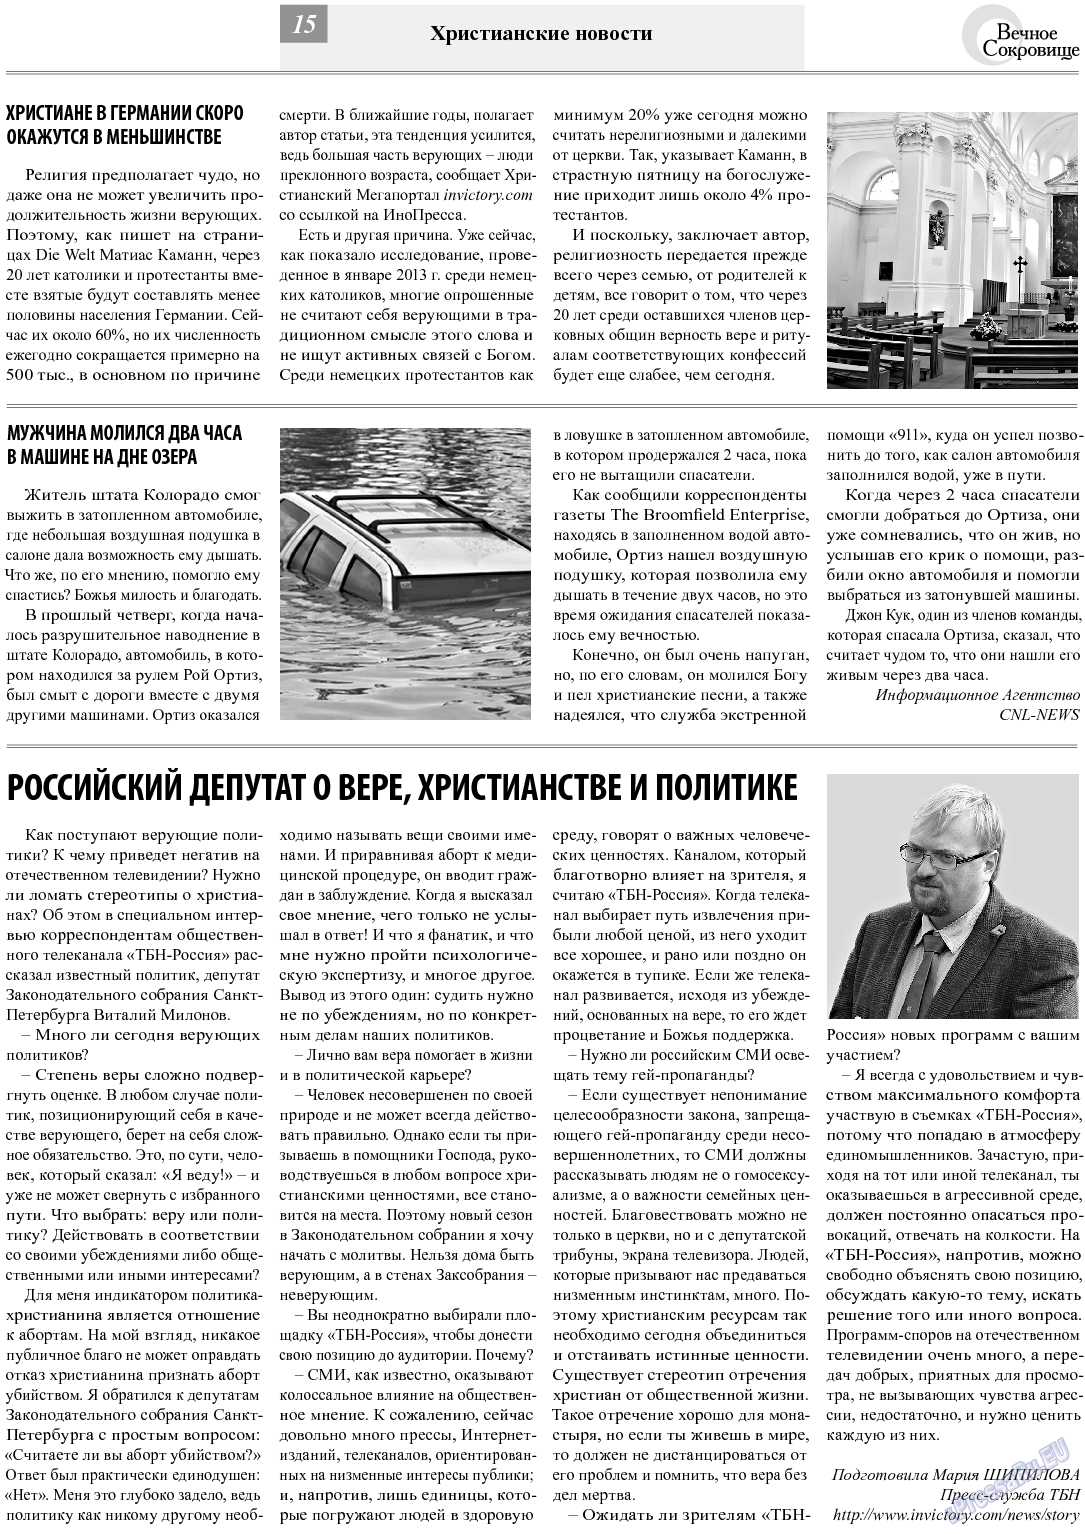 Вечное сокровище (газета). 2013 год, номер 5, стр. 15